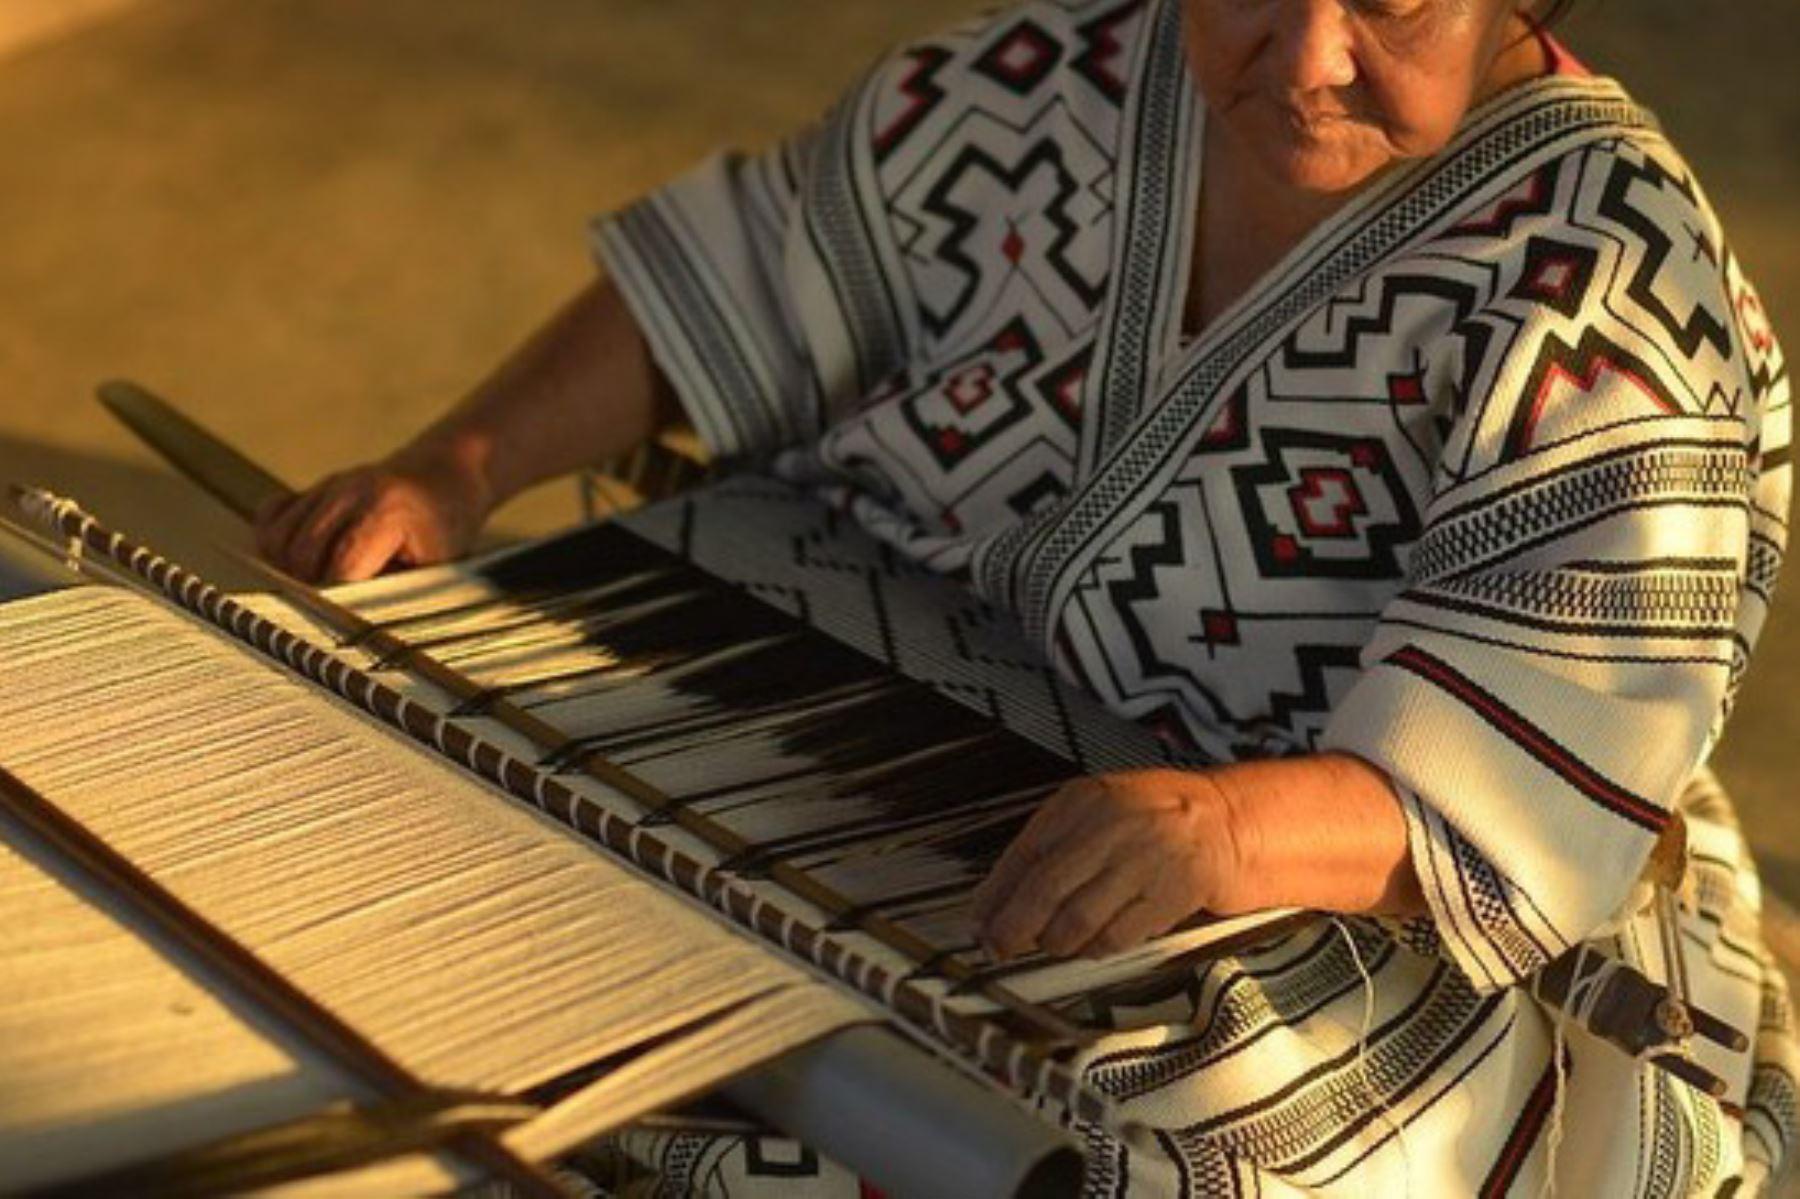 La textilería es la línea artesanal que tiene mayor número de inscritos en el Registro Nacional del Artesano, informó el Mincetur.